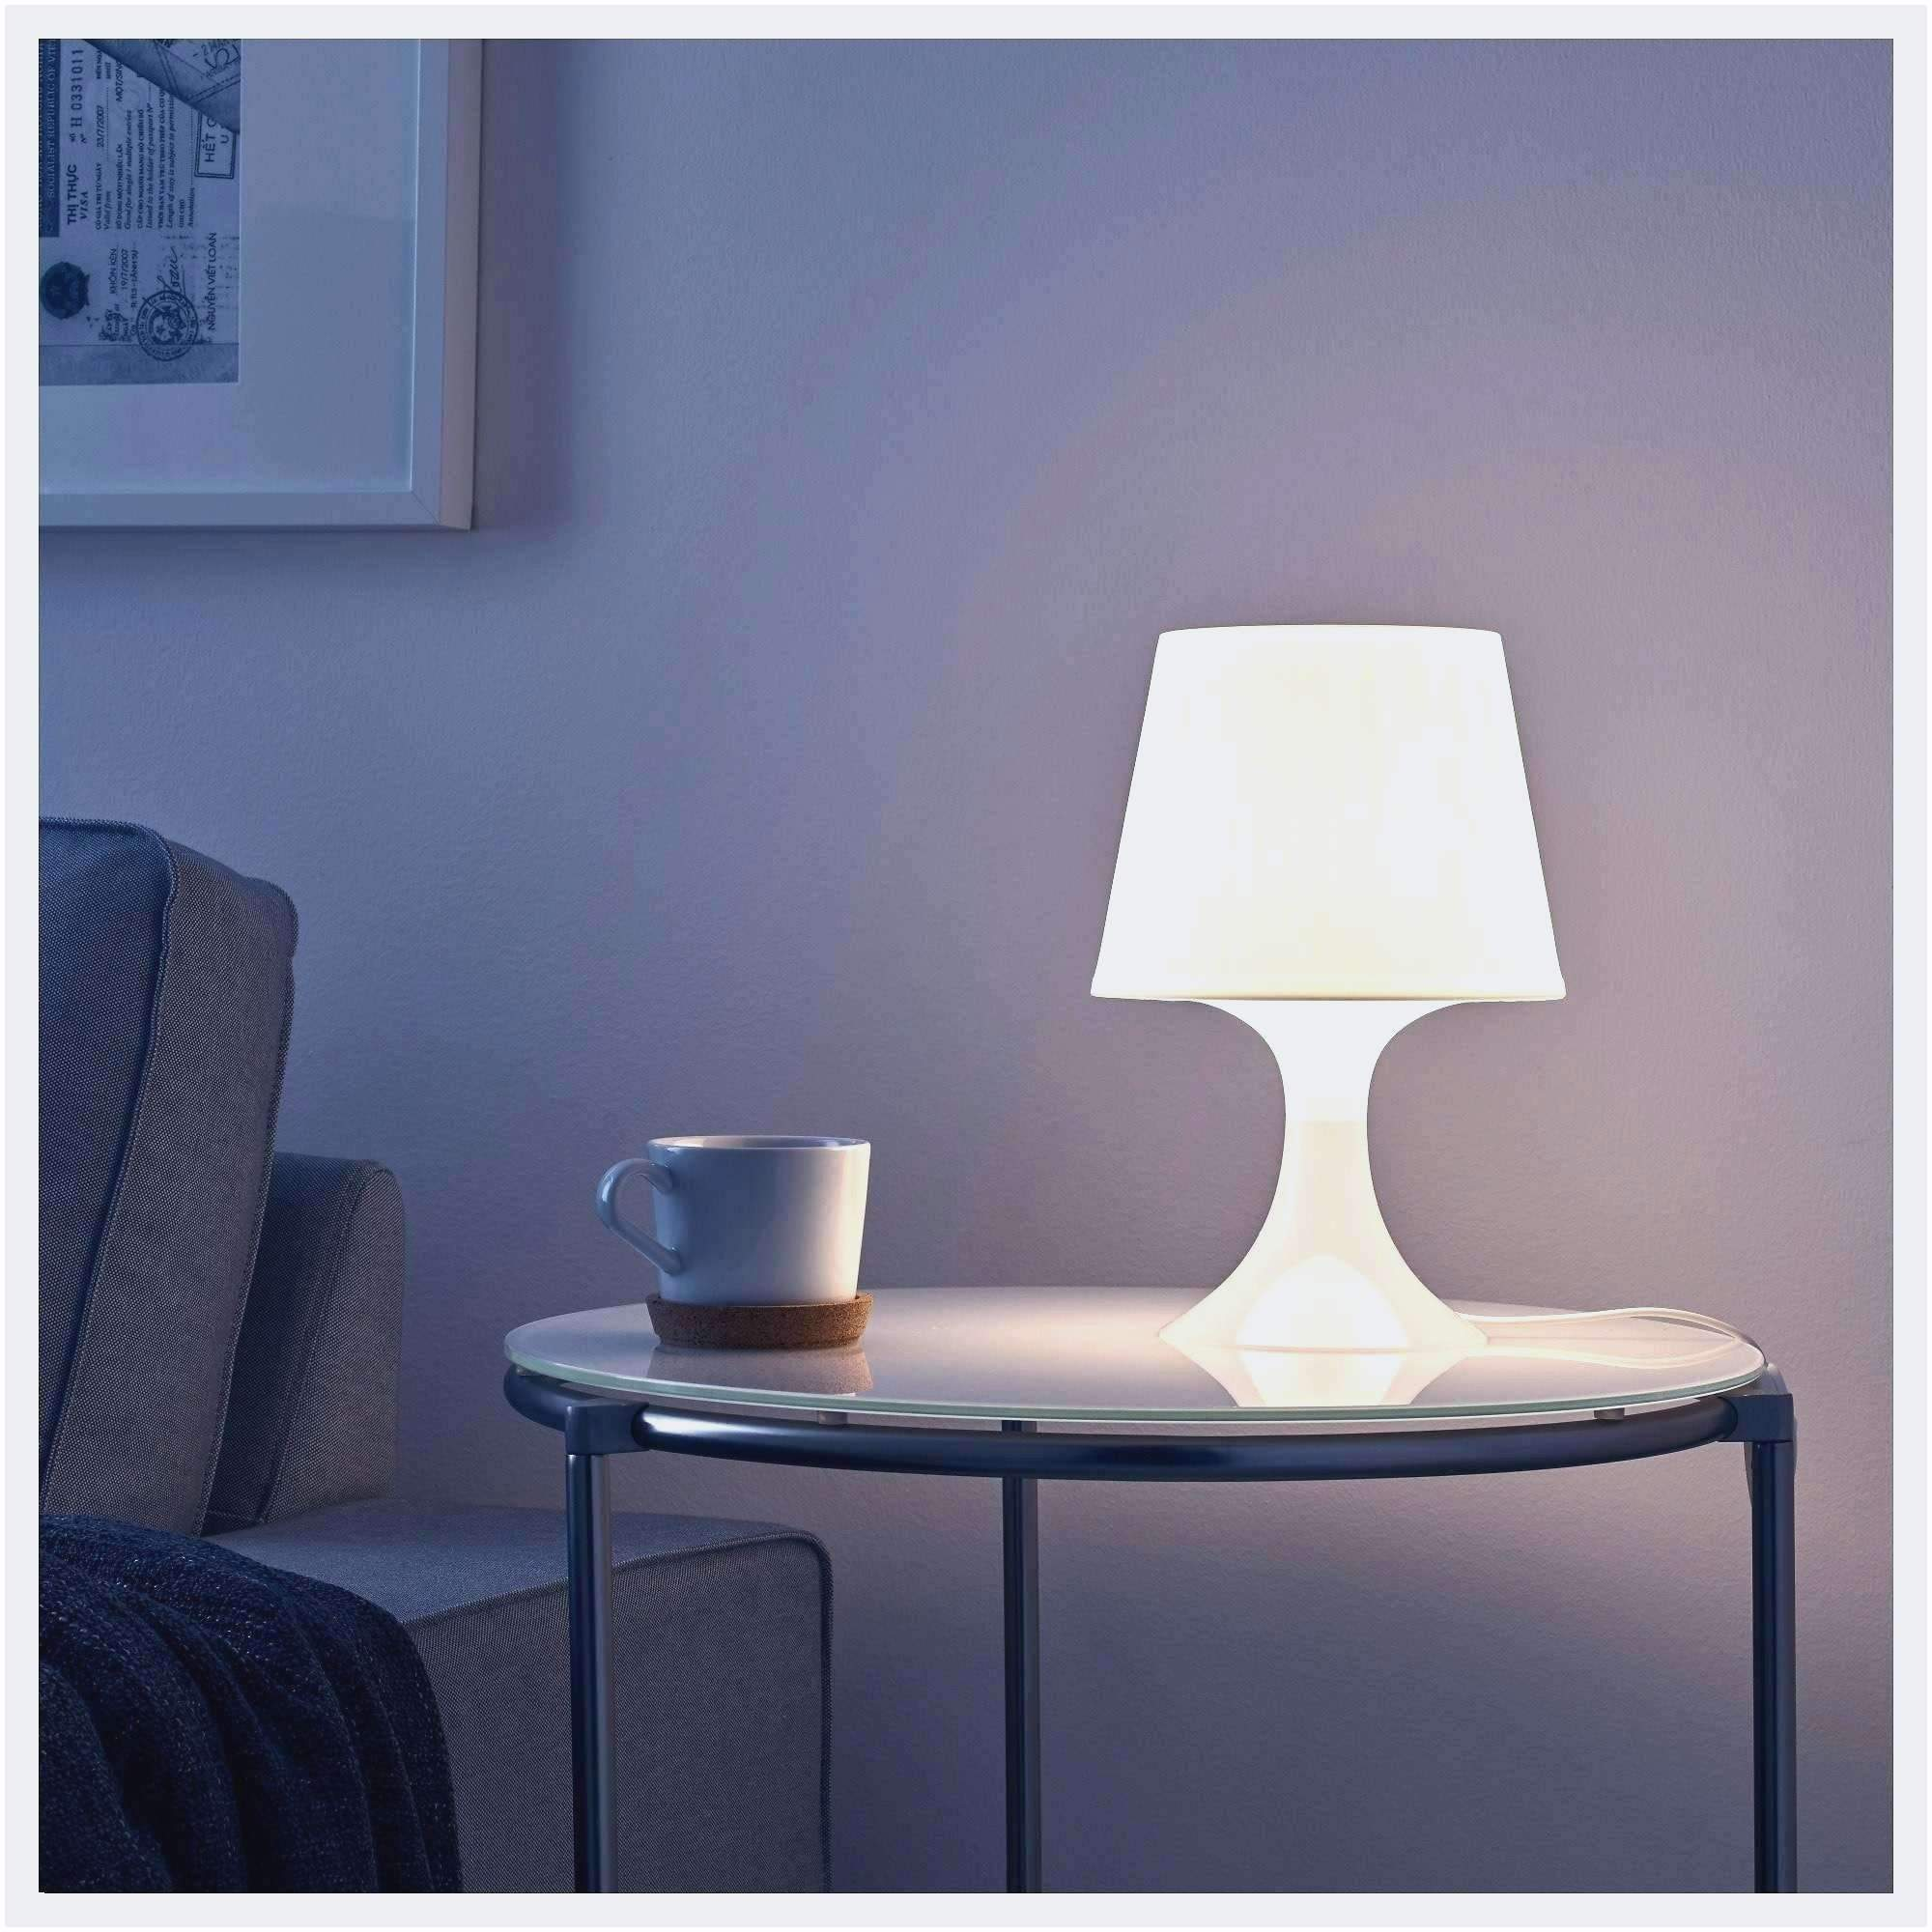 Full Size of Ikea Lampe Stehlampe Papier Stehlampen Wien Wohnzimmer Lampen Modulküche Küche Kosten Sofa Mit Schlaffunktion Kaufen Betten Bei 160x200 Miniküche Wohnzimmer Stehlampen Ikea